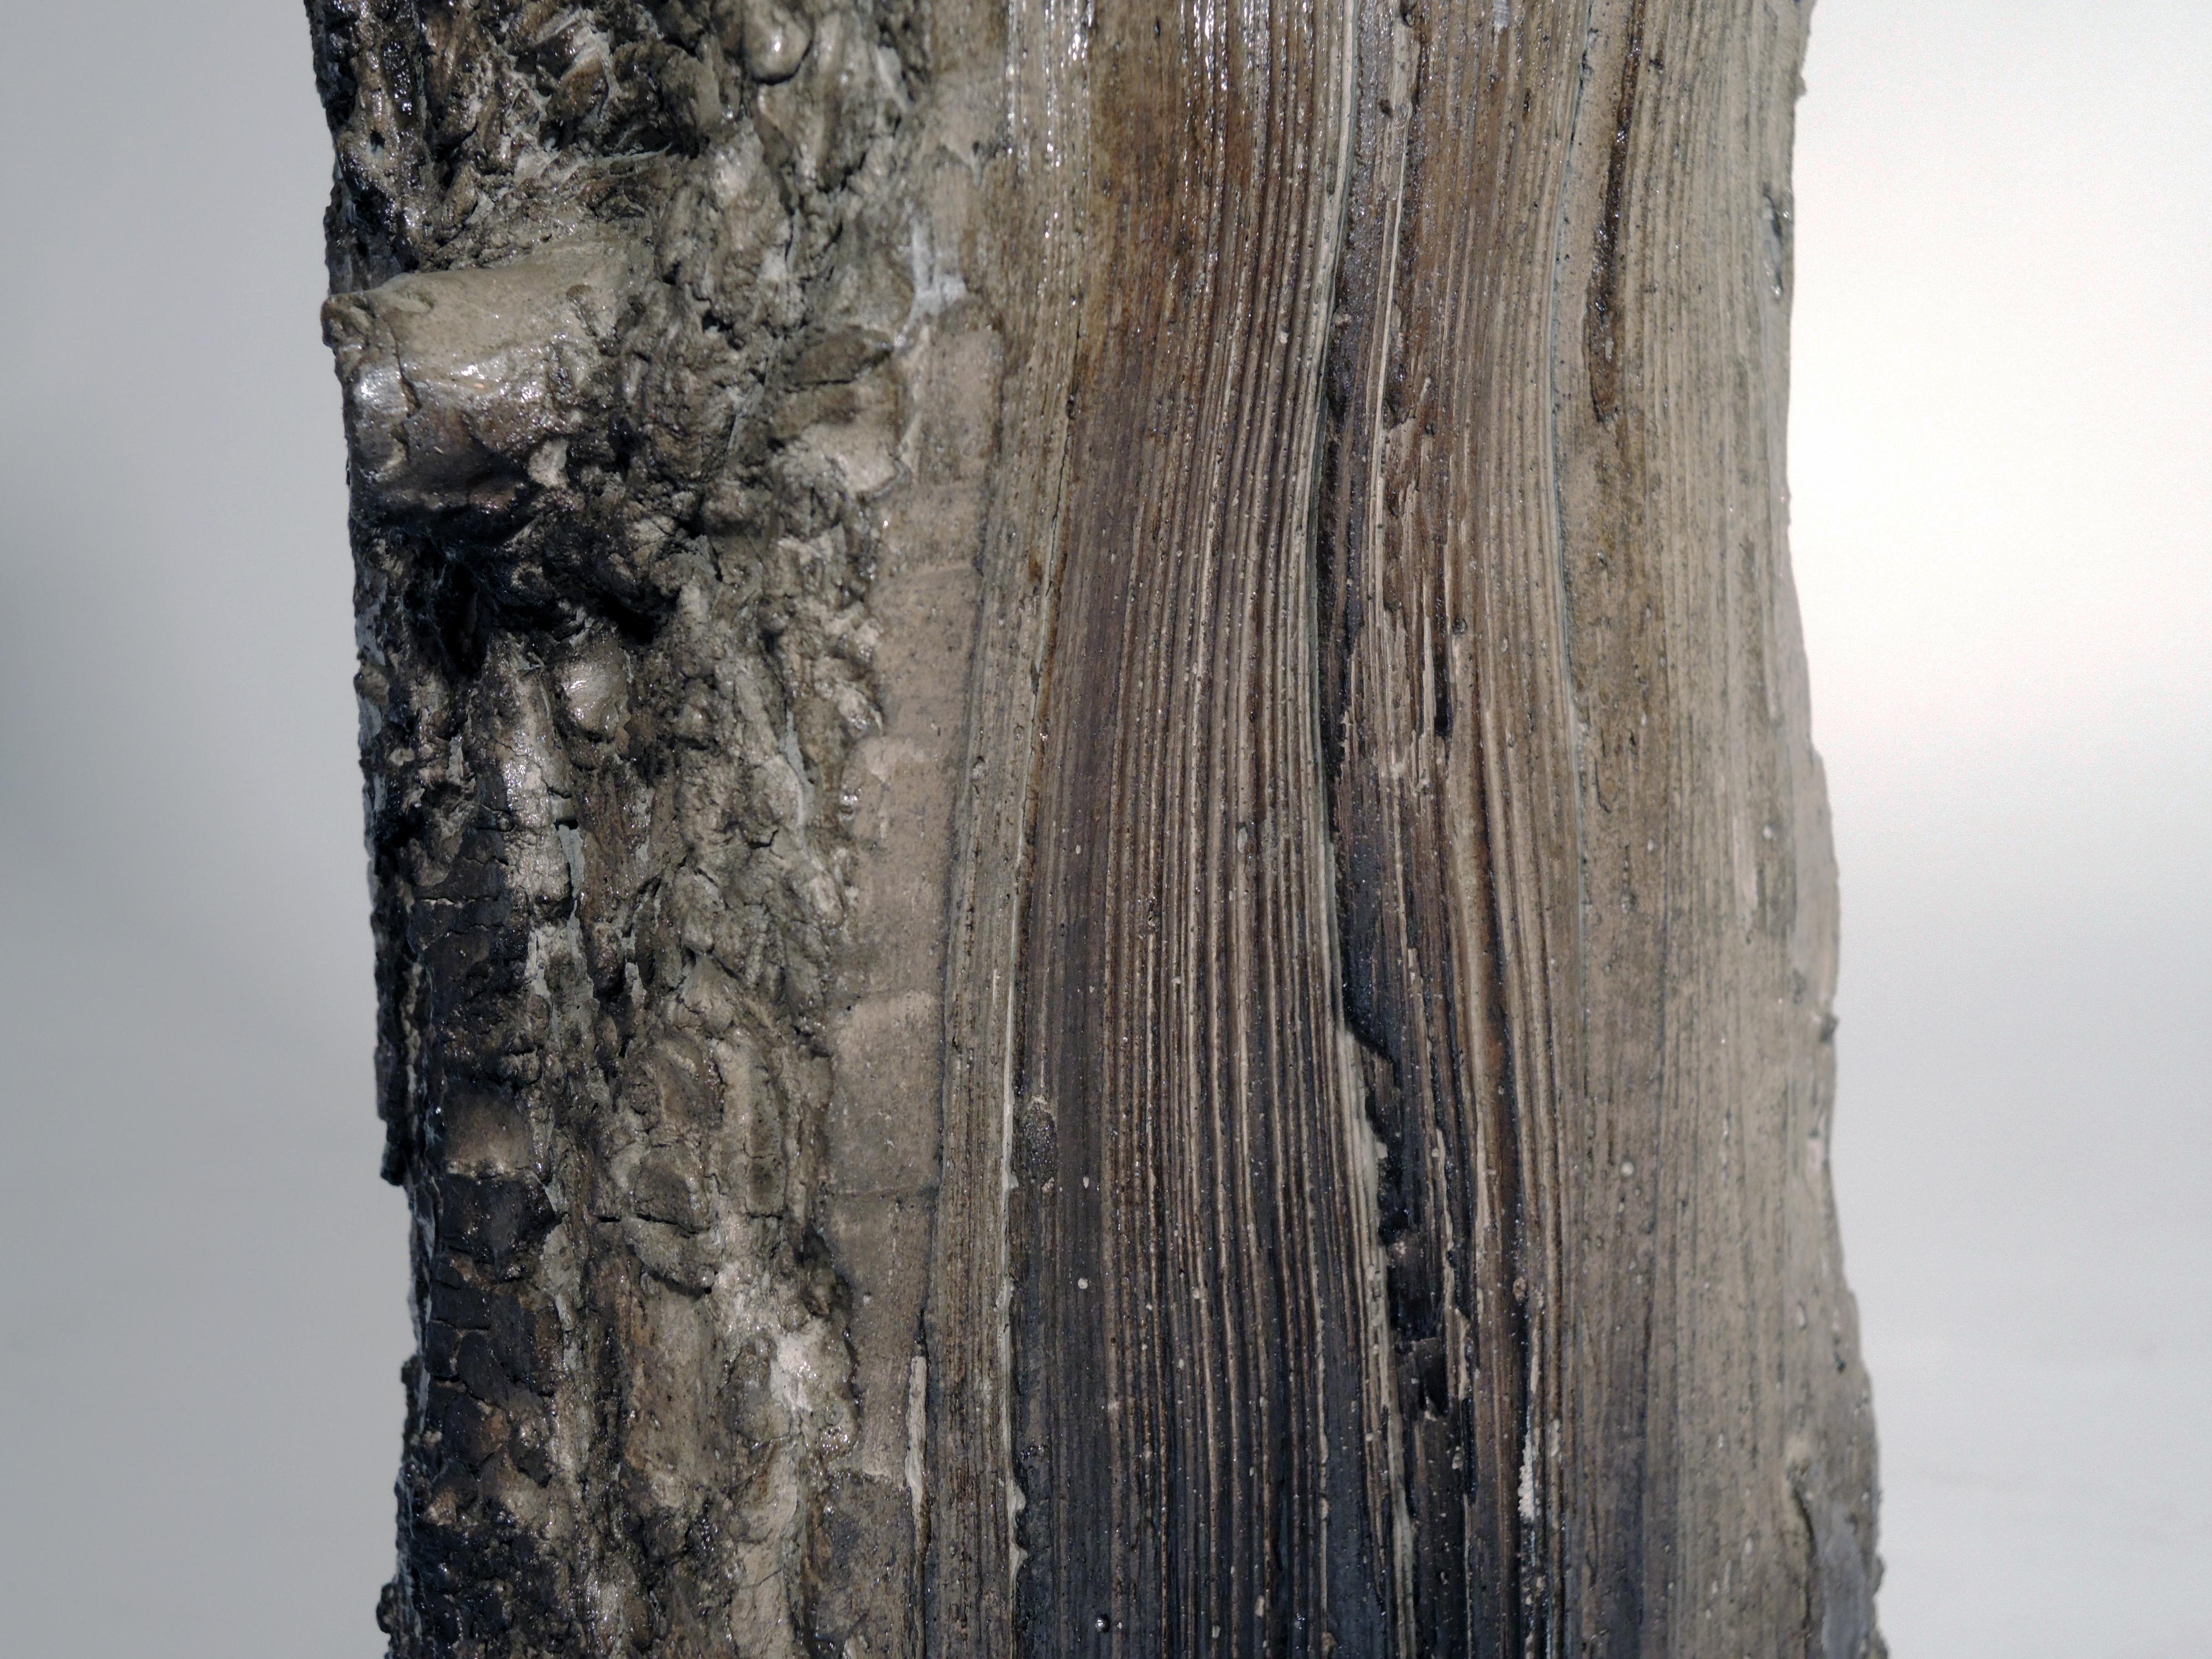 Robert Cram - Most Likely Cedar